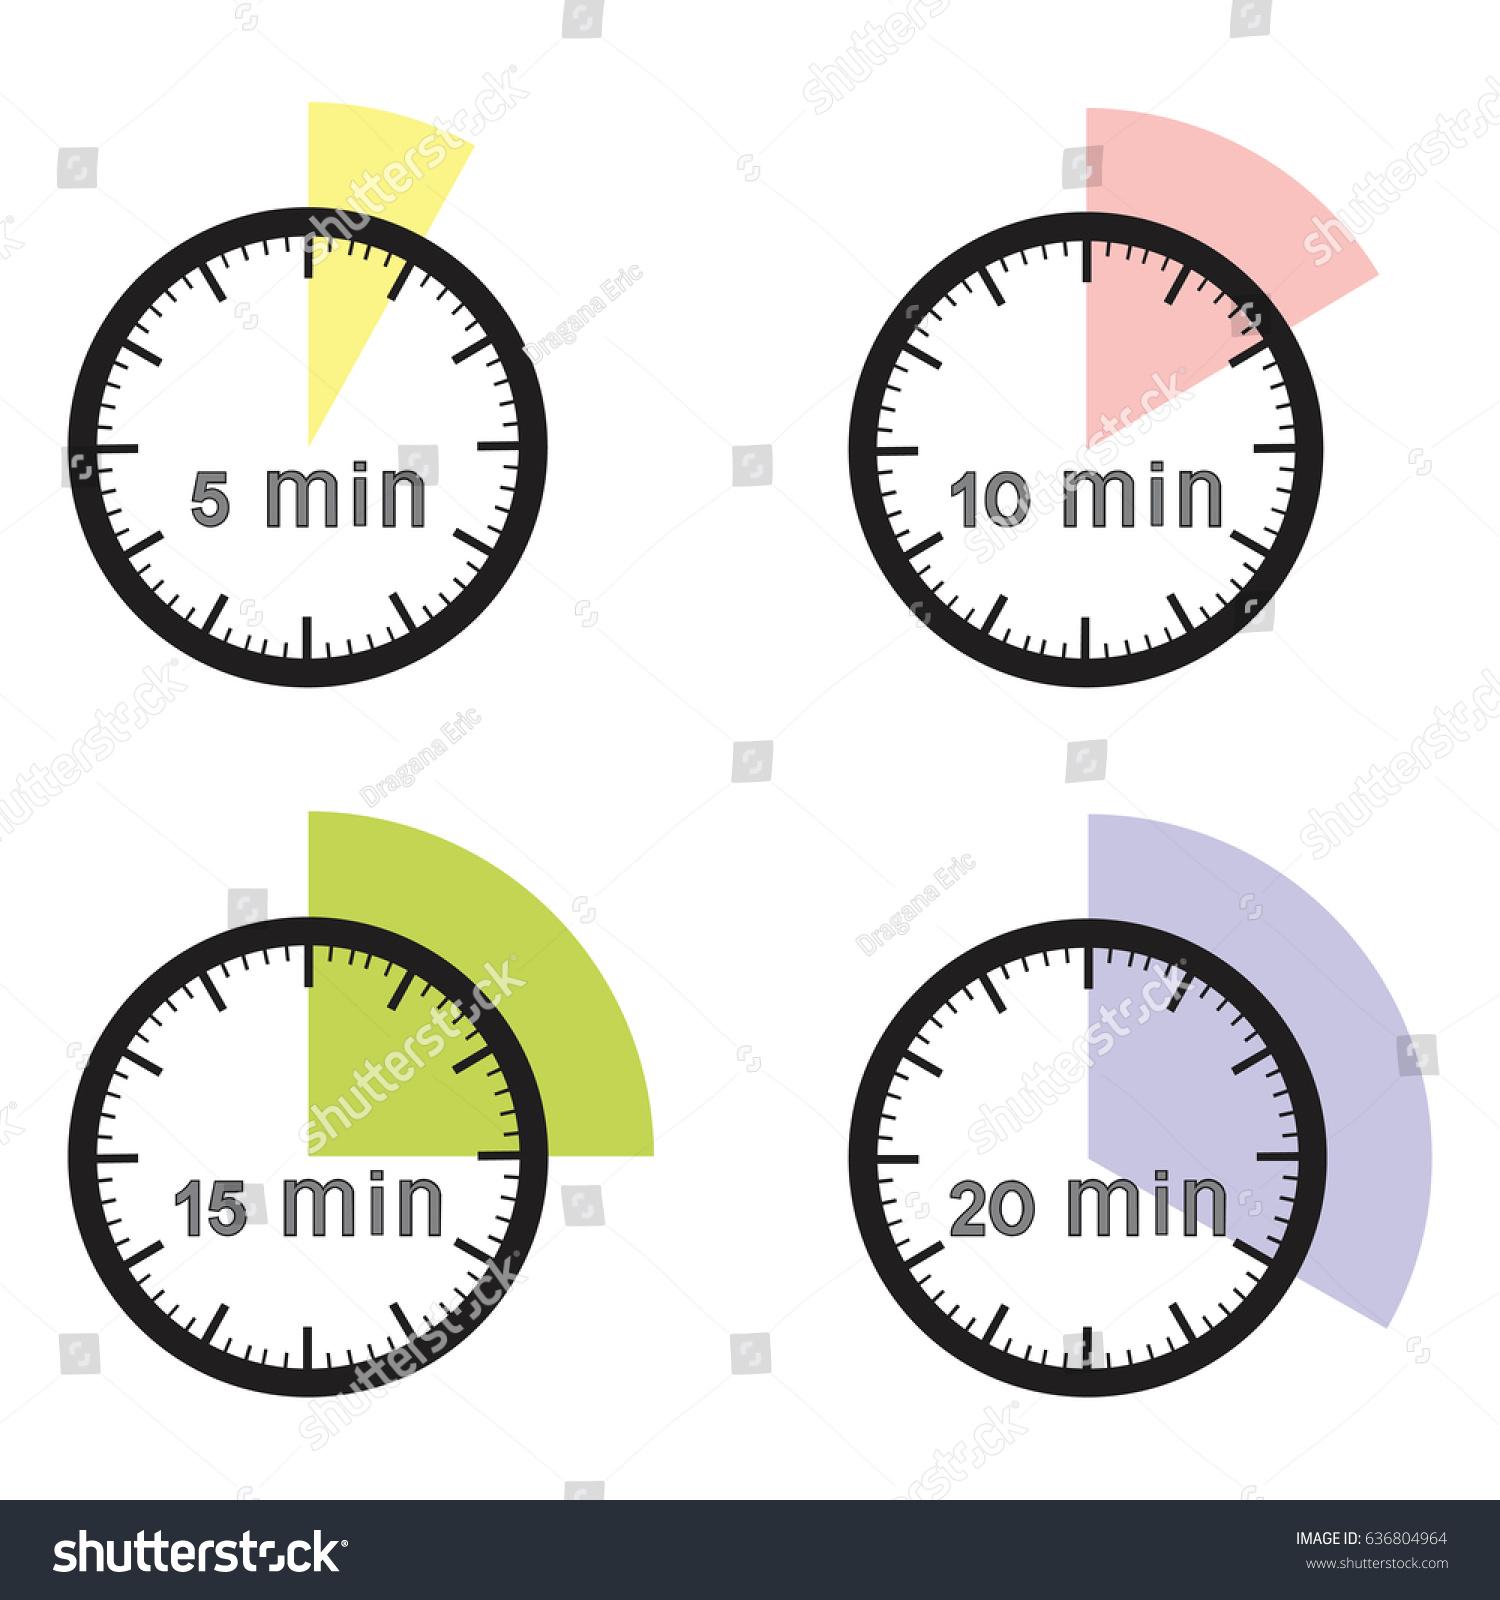 timer set 5 minutes